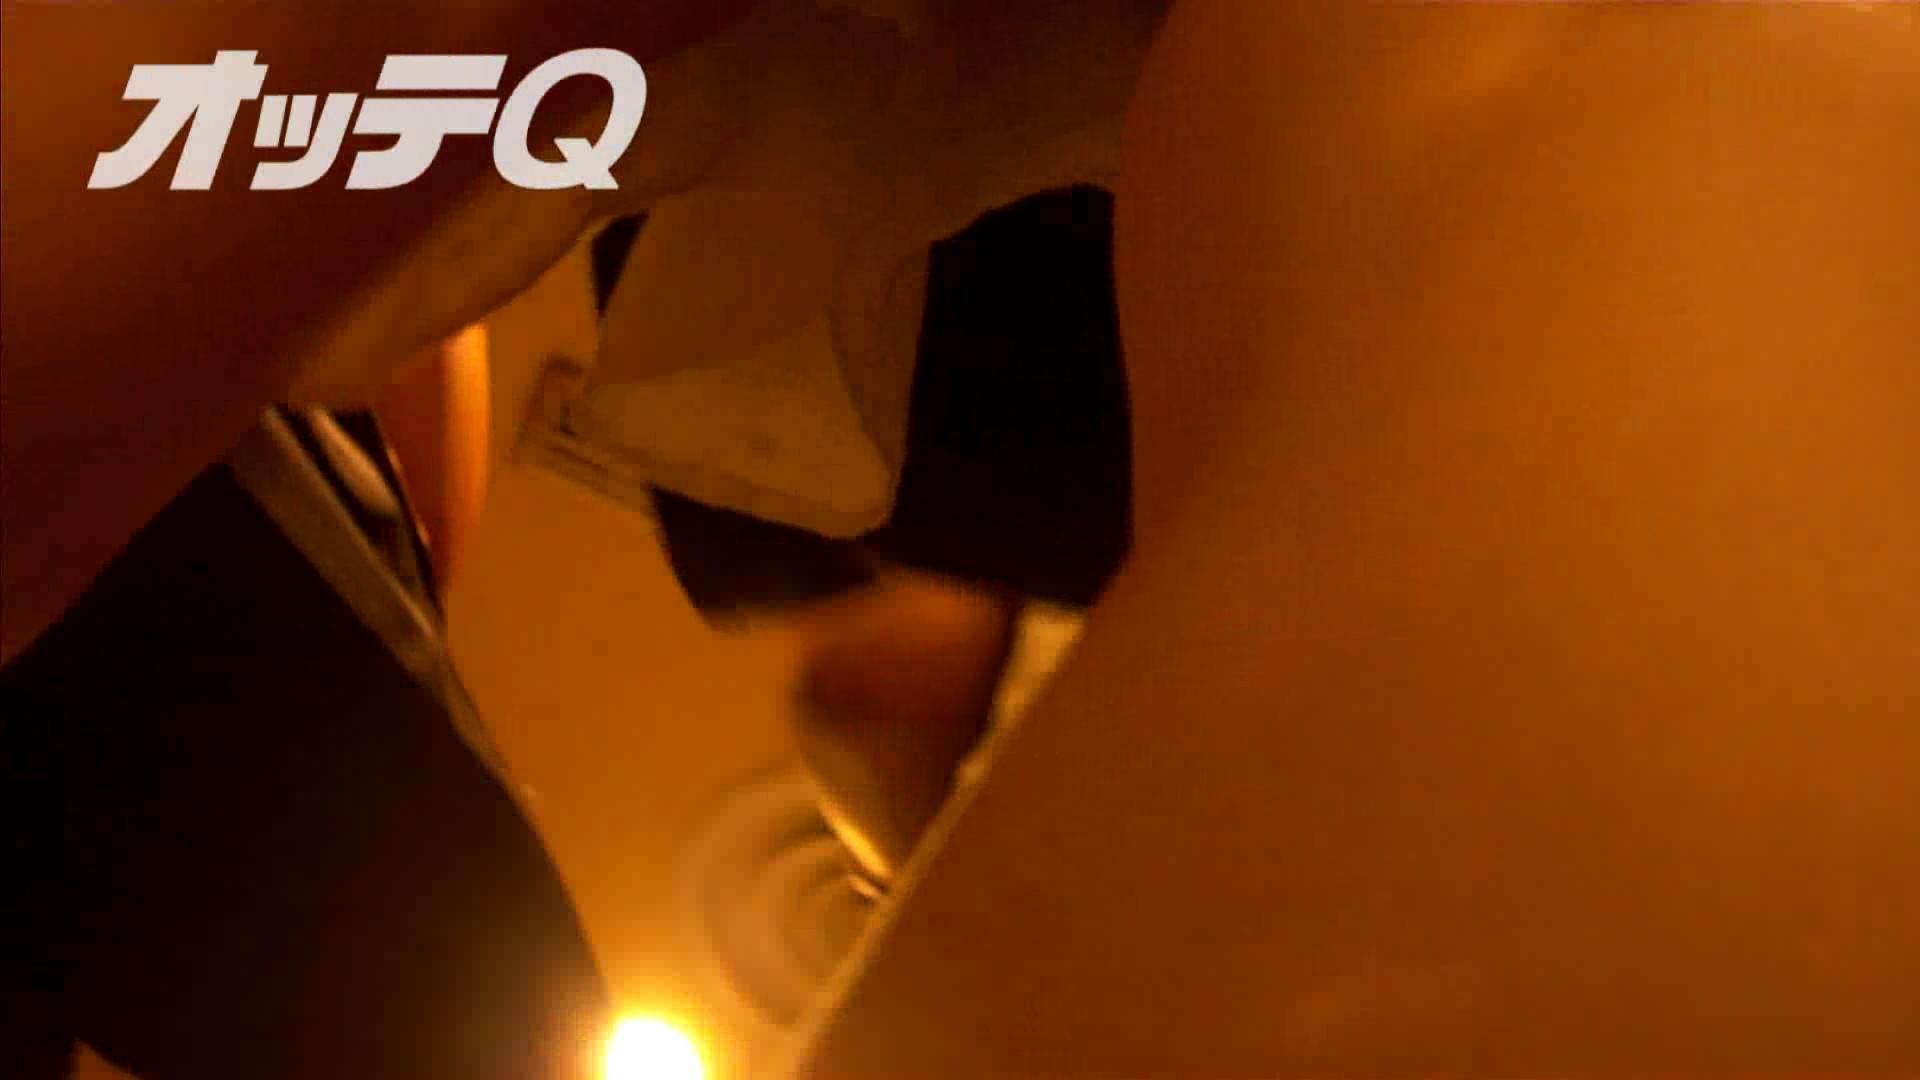 ハイビジョンパンチラ オッテQさんの追跡パンチラデパート編VOL.04 パンチラ | チラ  105pic 31